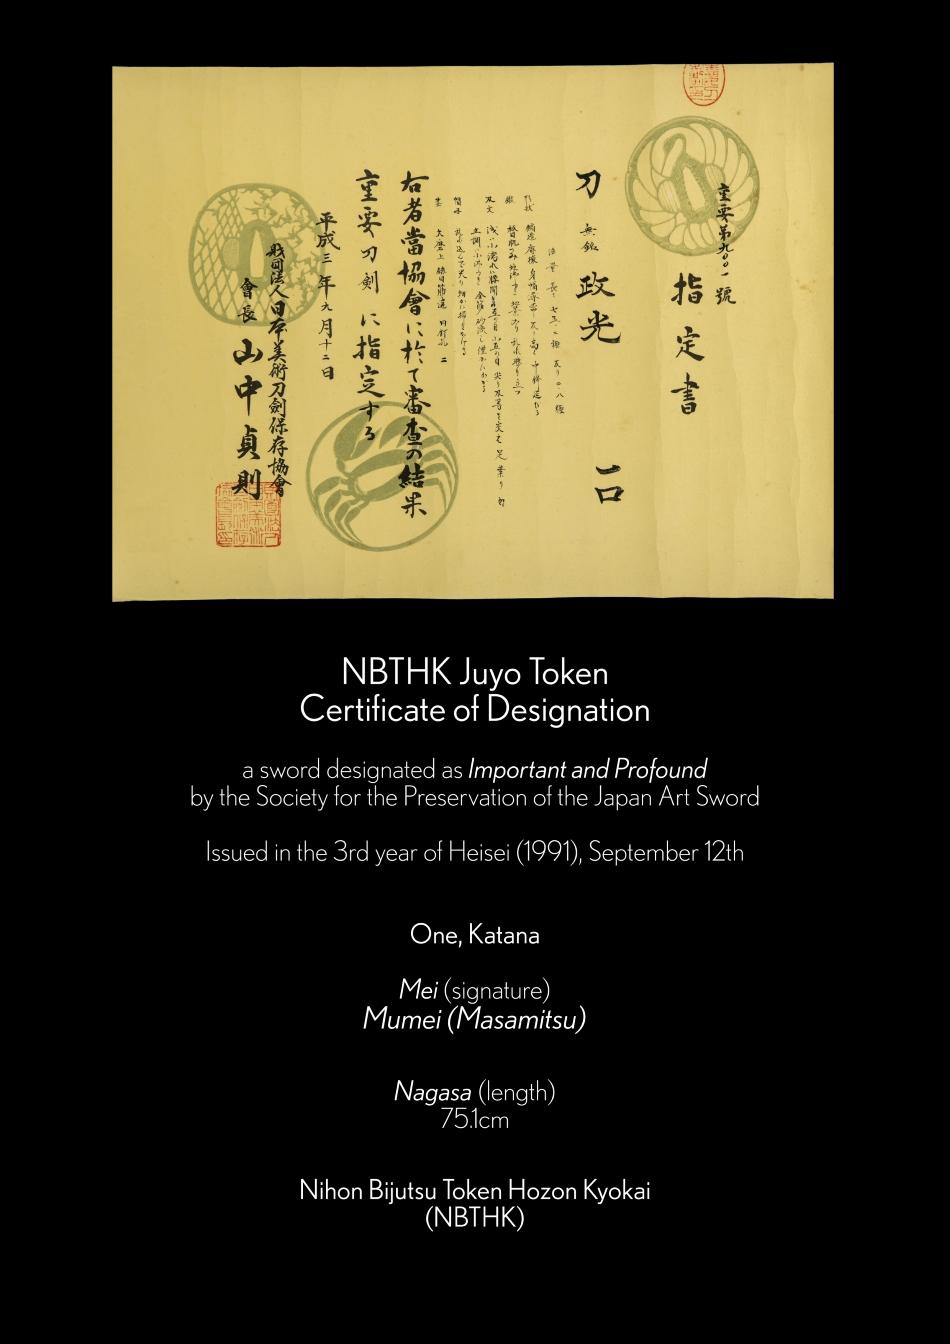 ujka178 Masamitsu cert - NBTHK Juyo